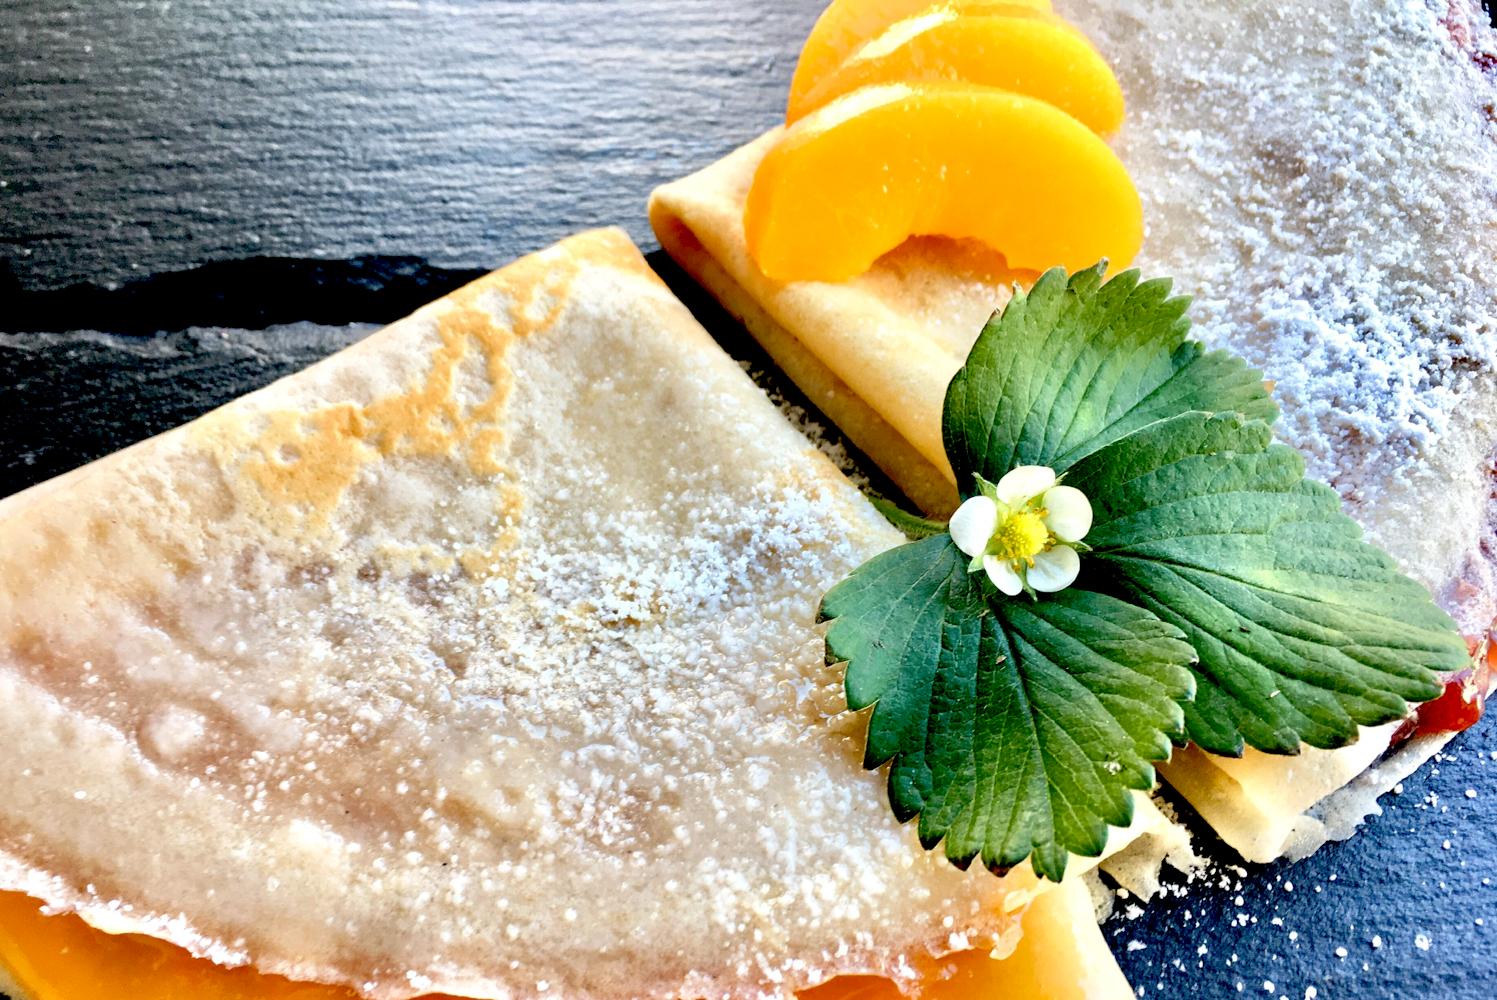 Buchweizenpfannkuchen mit Pfirsich und Erdbeerblatt